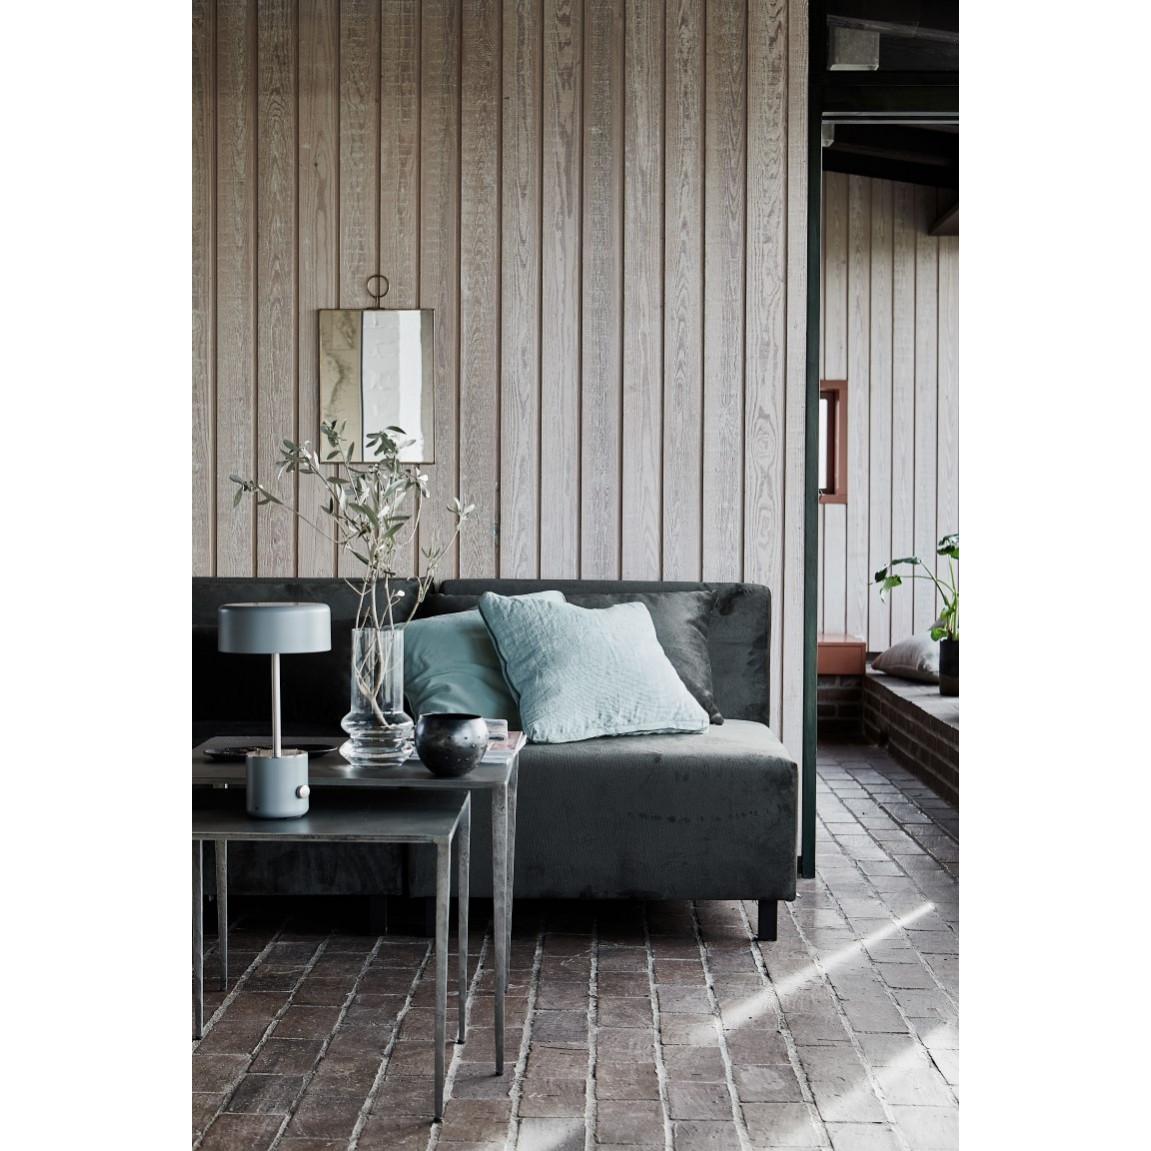 Table Lamp Bring | Grey